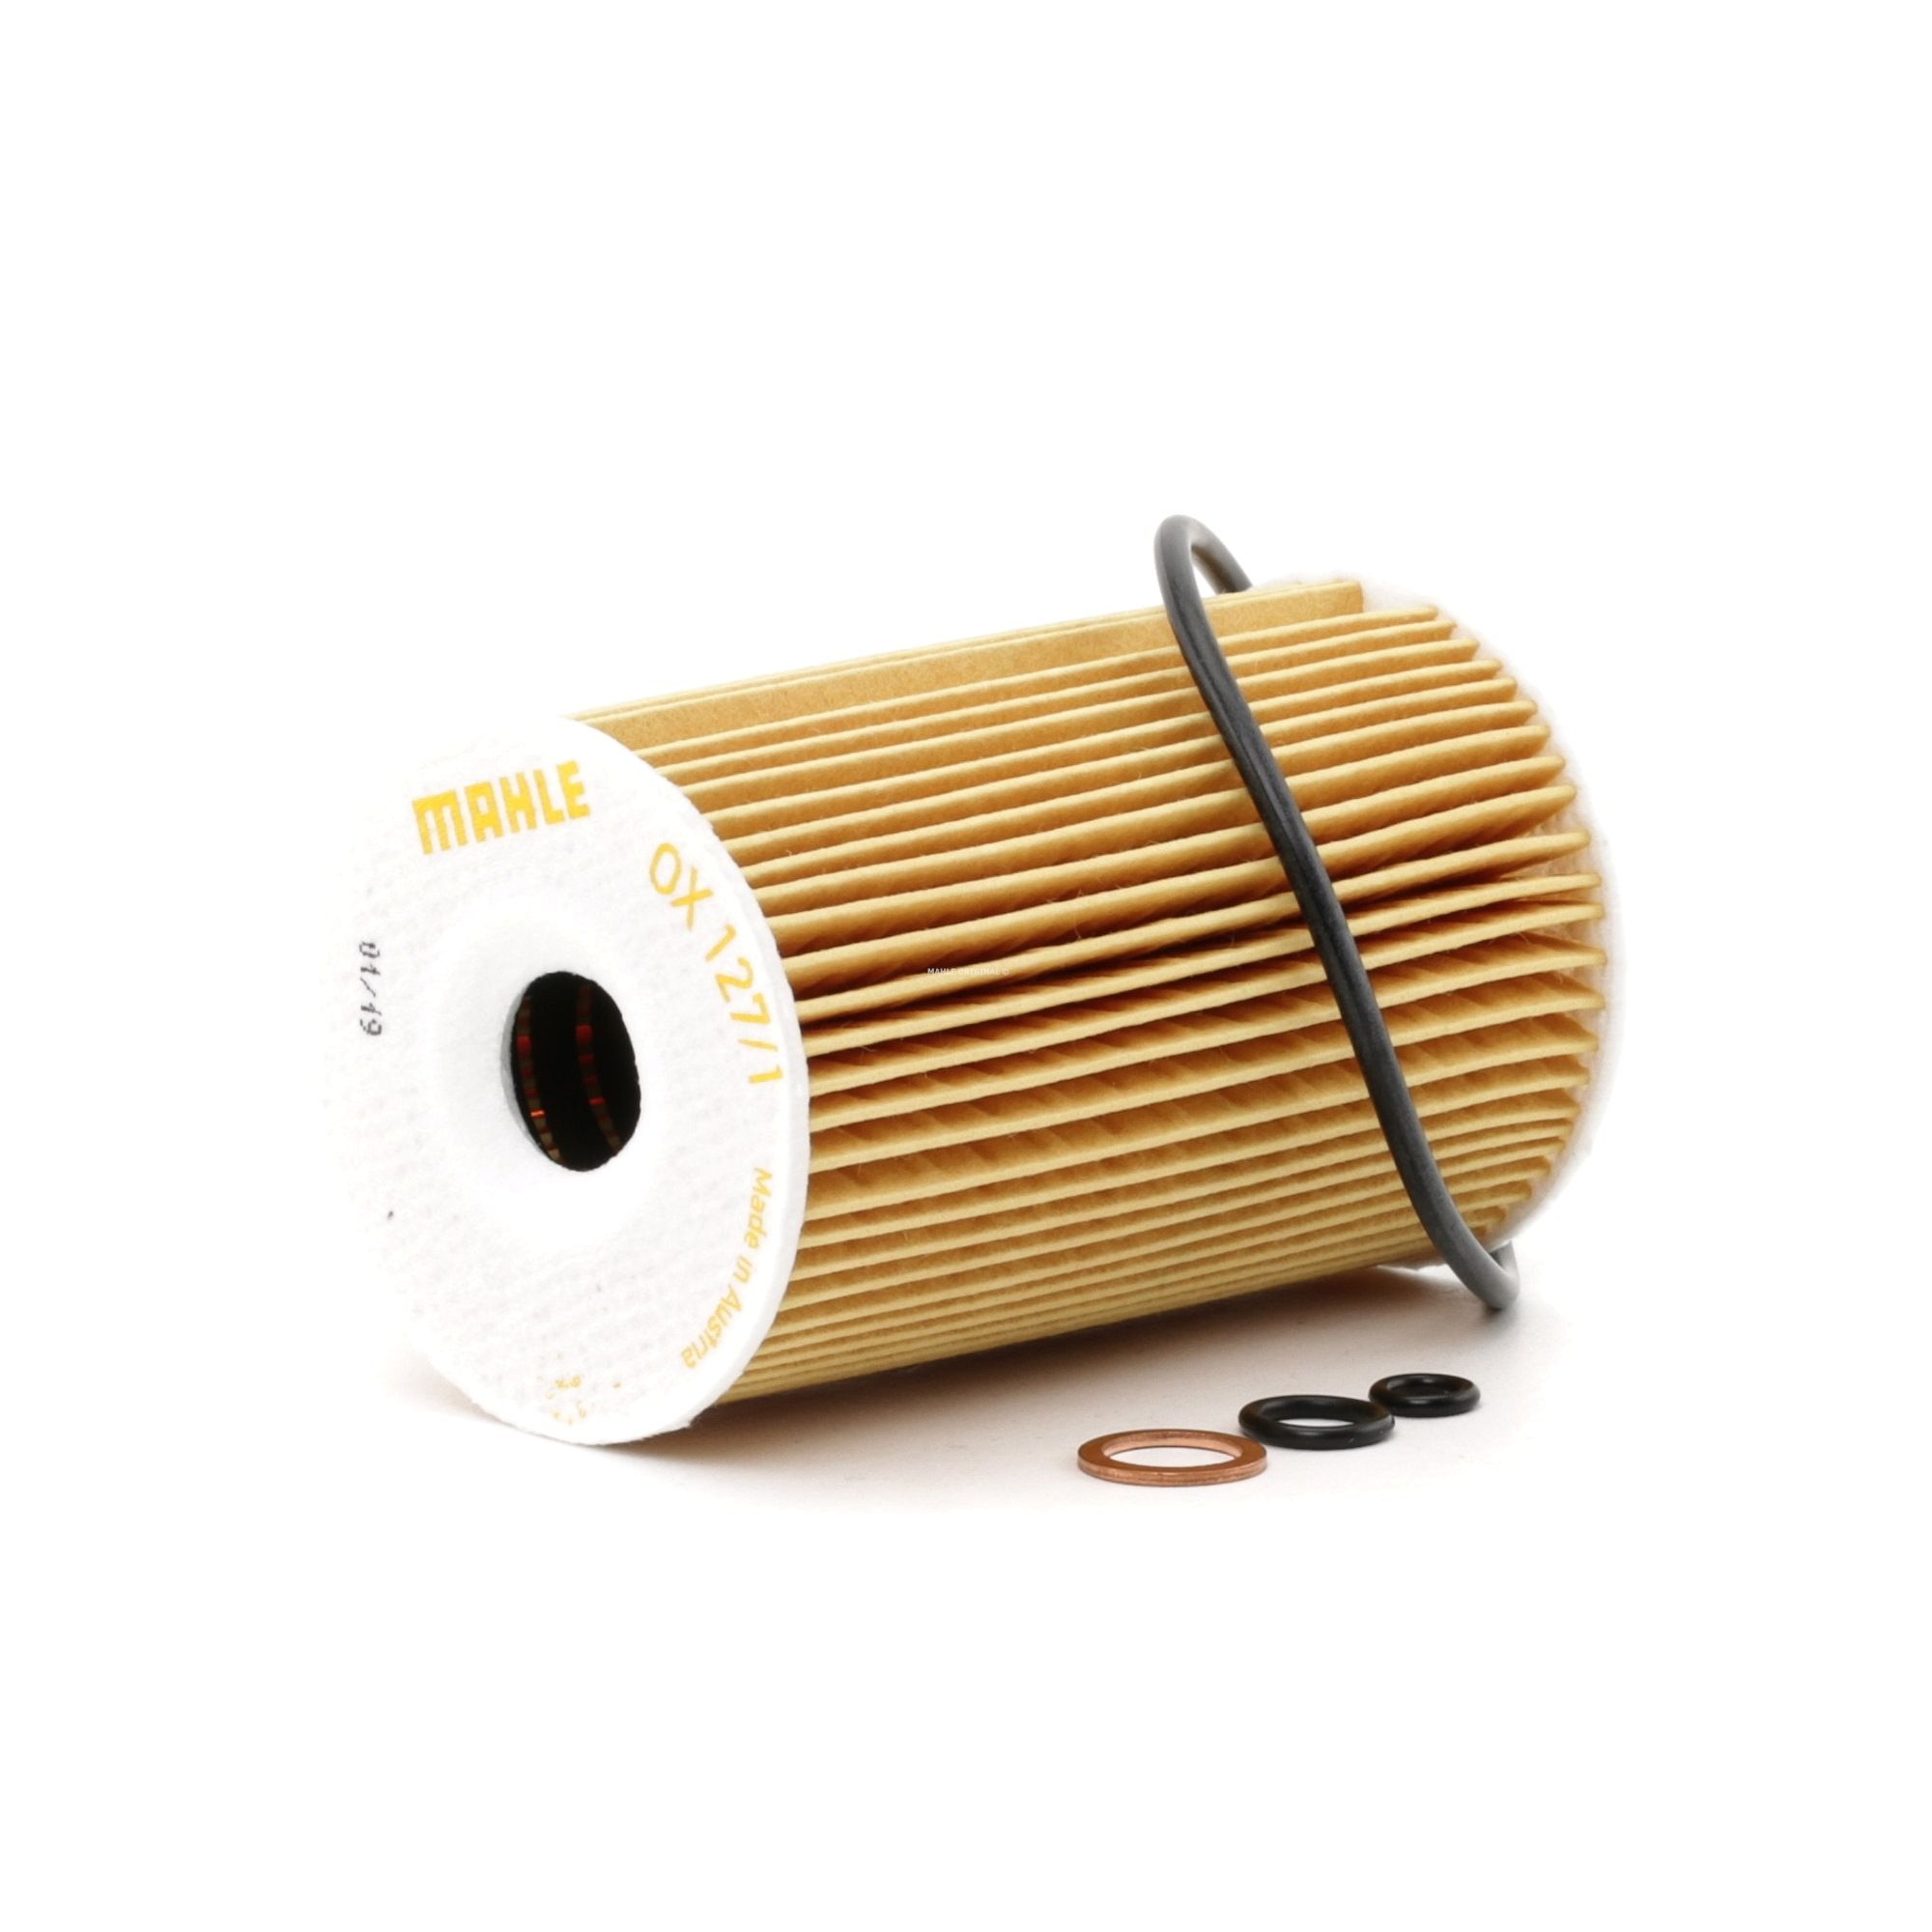 Filtre à huile Cartouche filtrante E36 M43 (097)